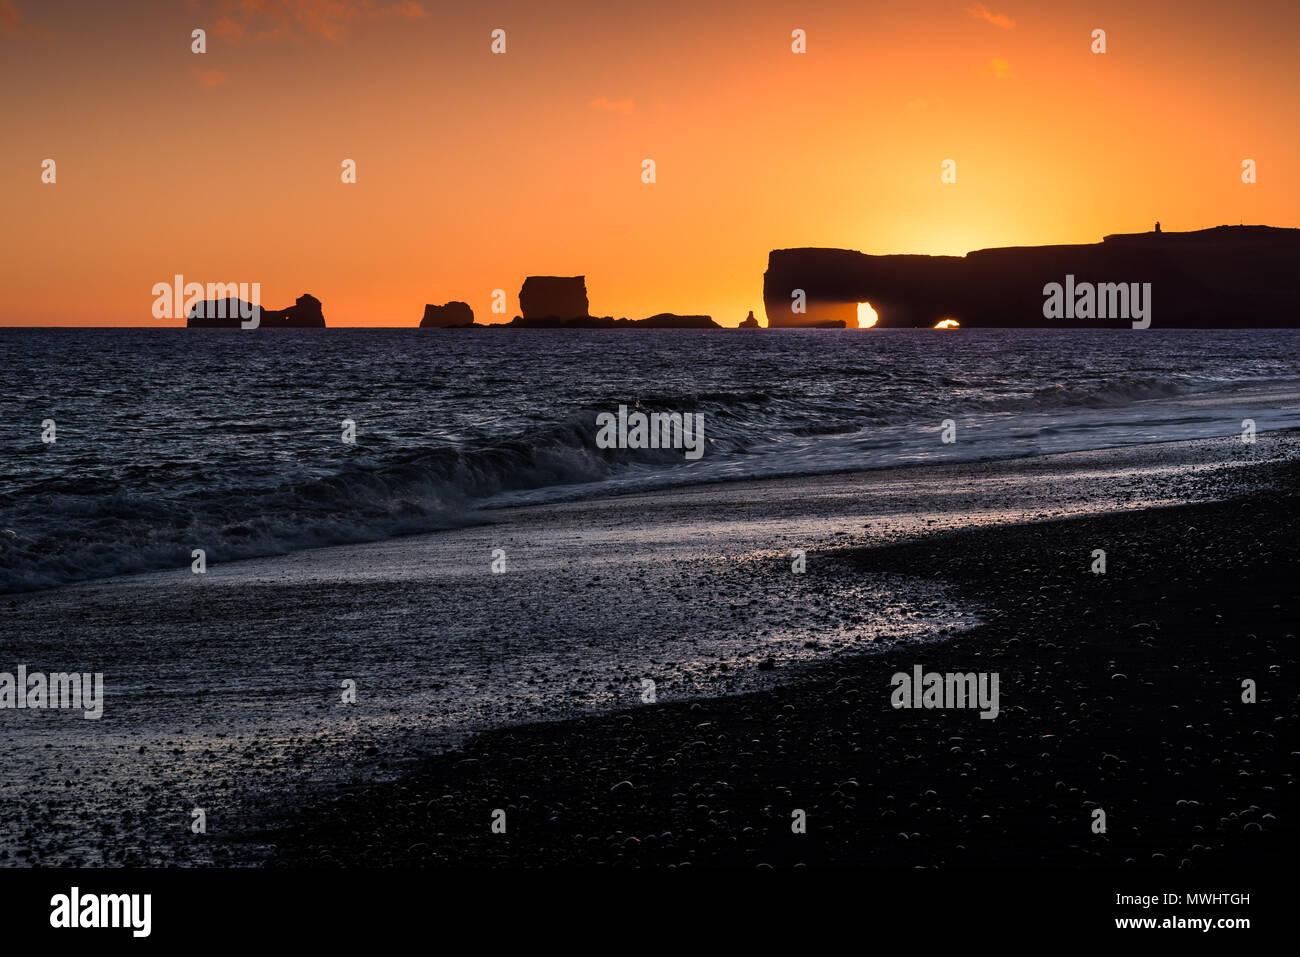 Con una preciosa vista al faro de Dyrholaey y rocas. Imagen De Stock